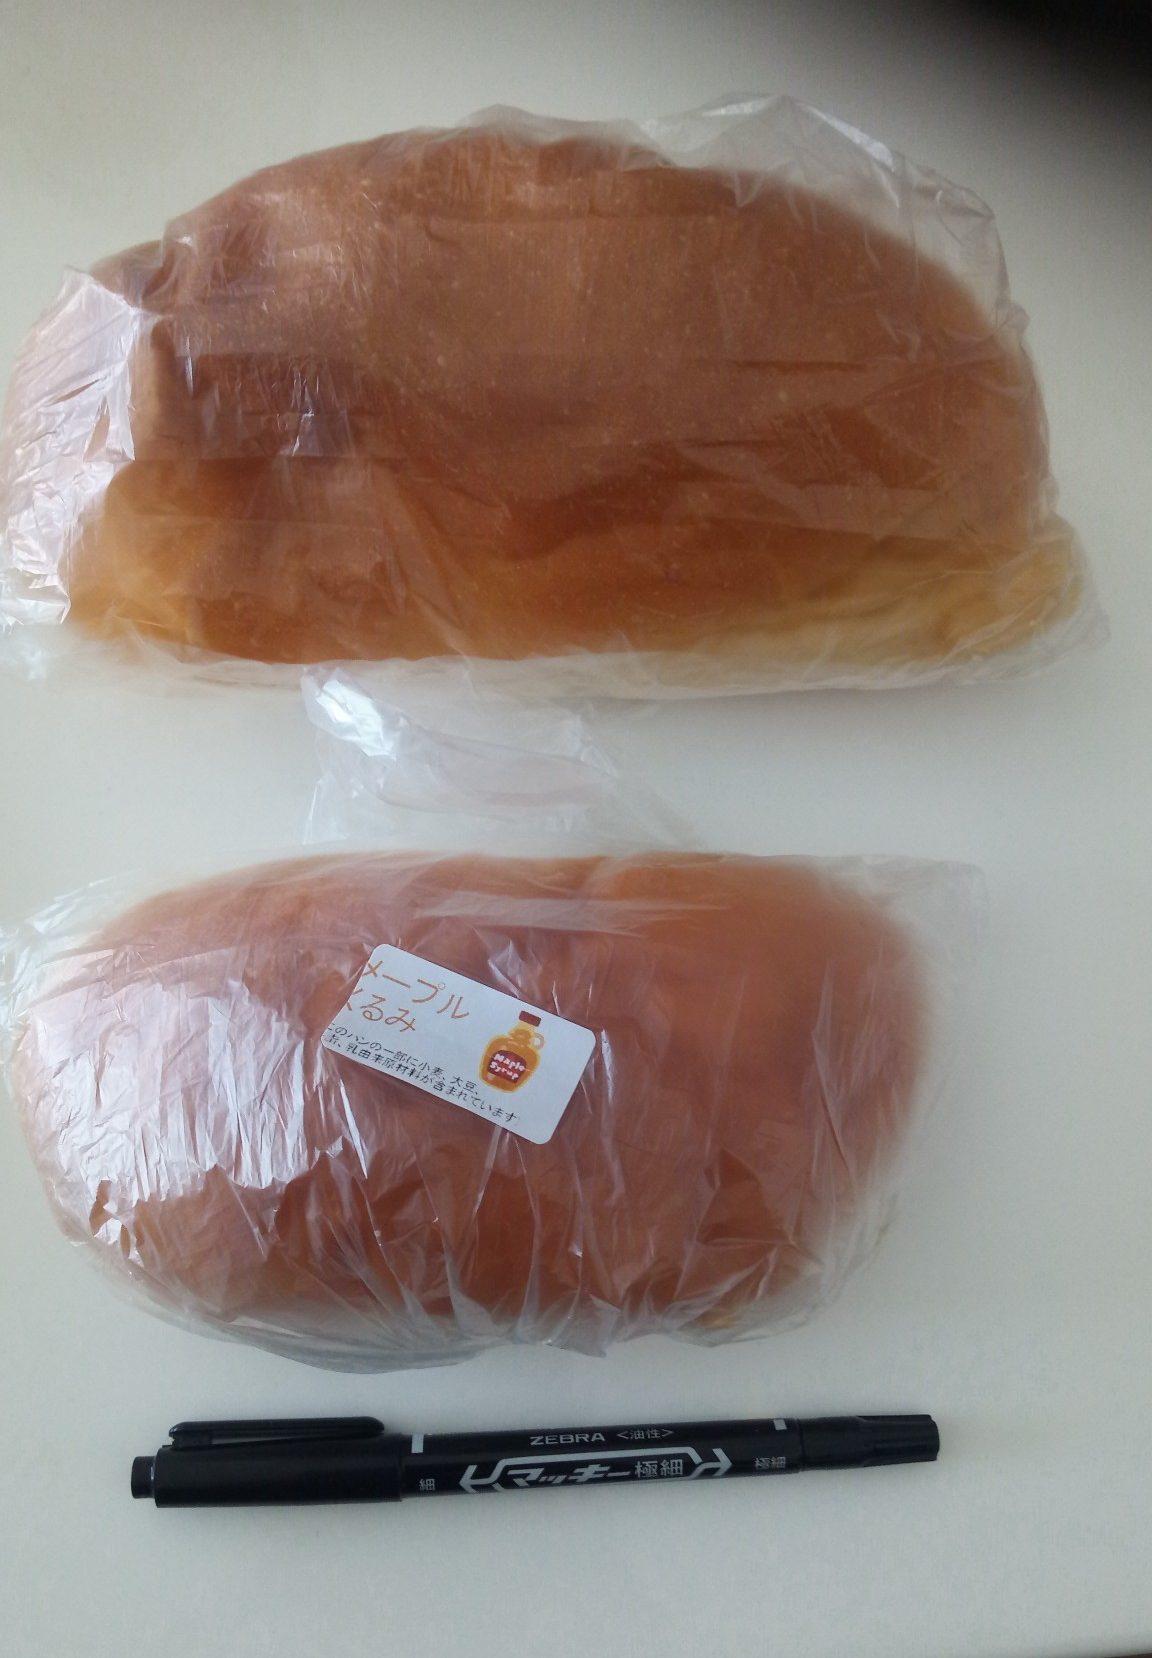 【大和駅】コッペパン専門店「グラムハウス」に行ってきました。やはり大きい。